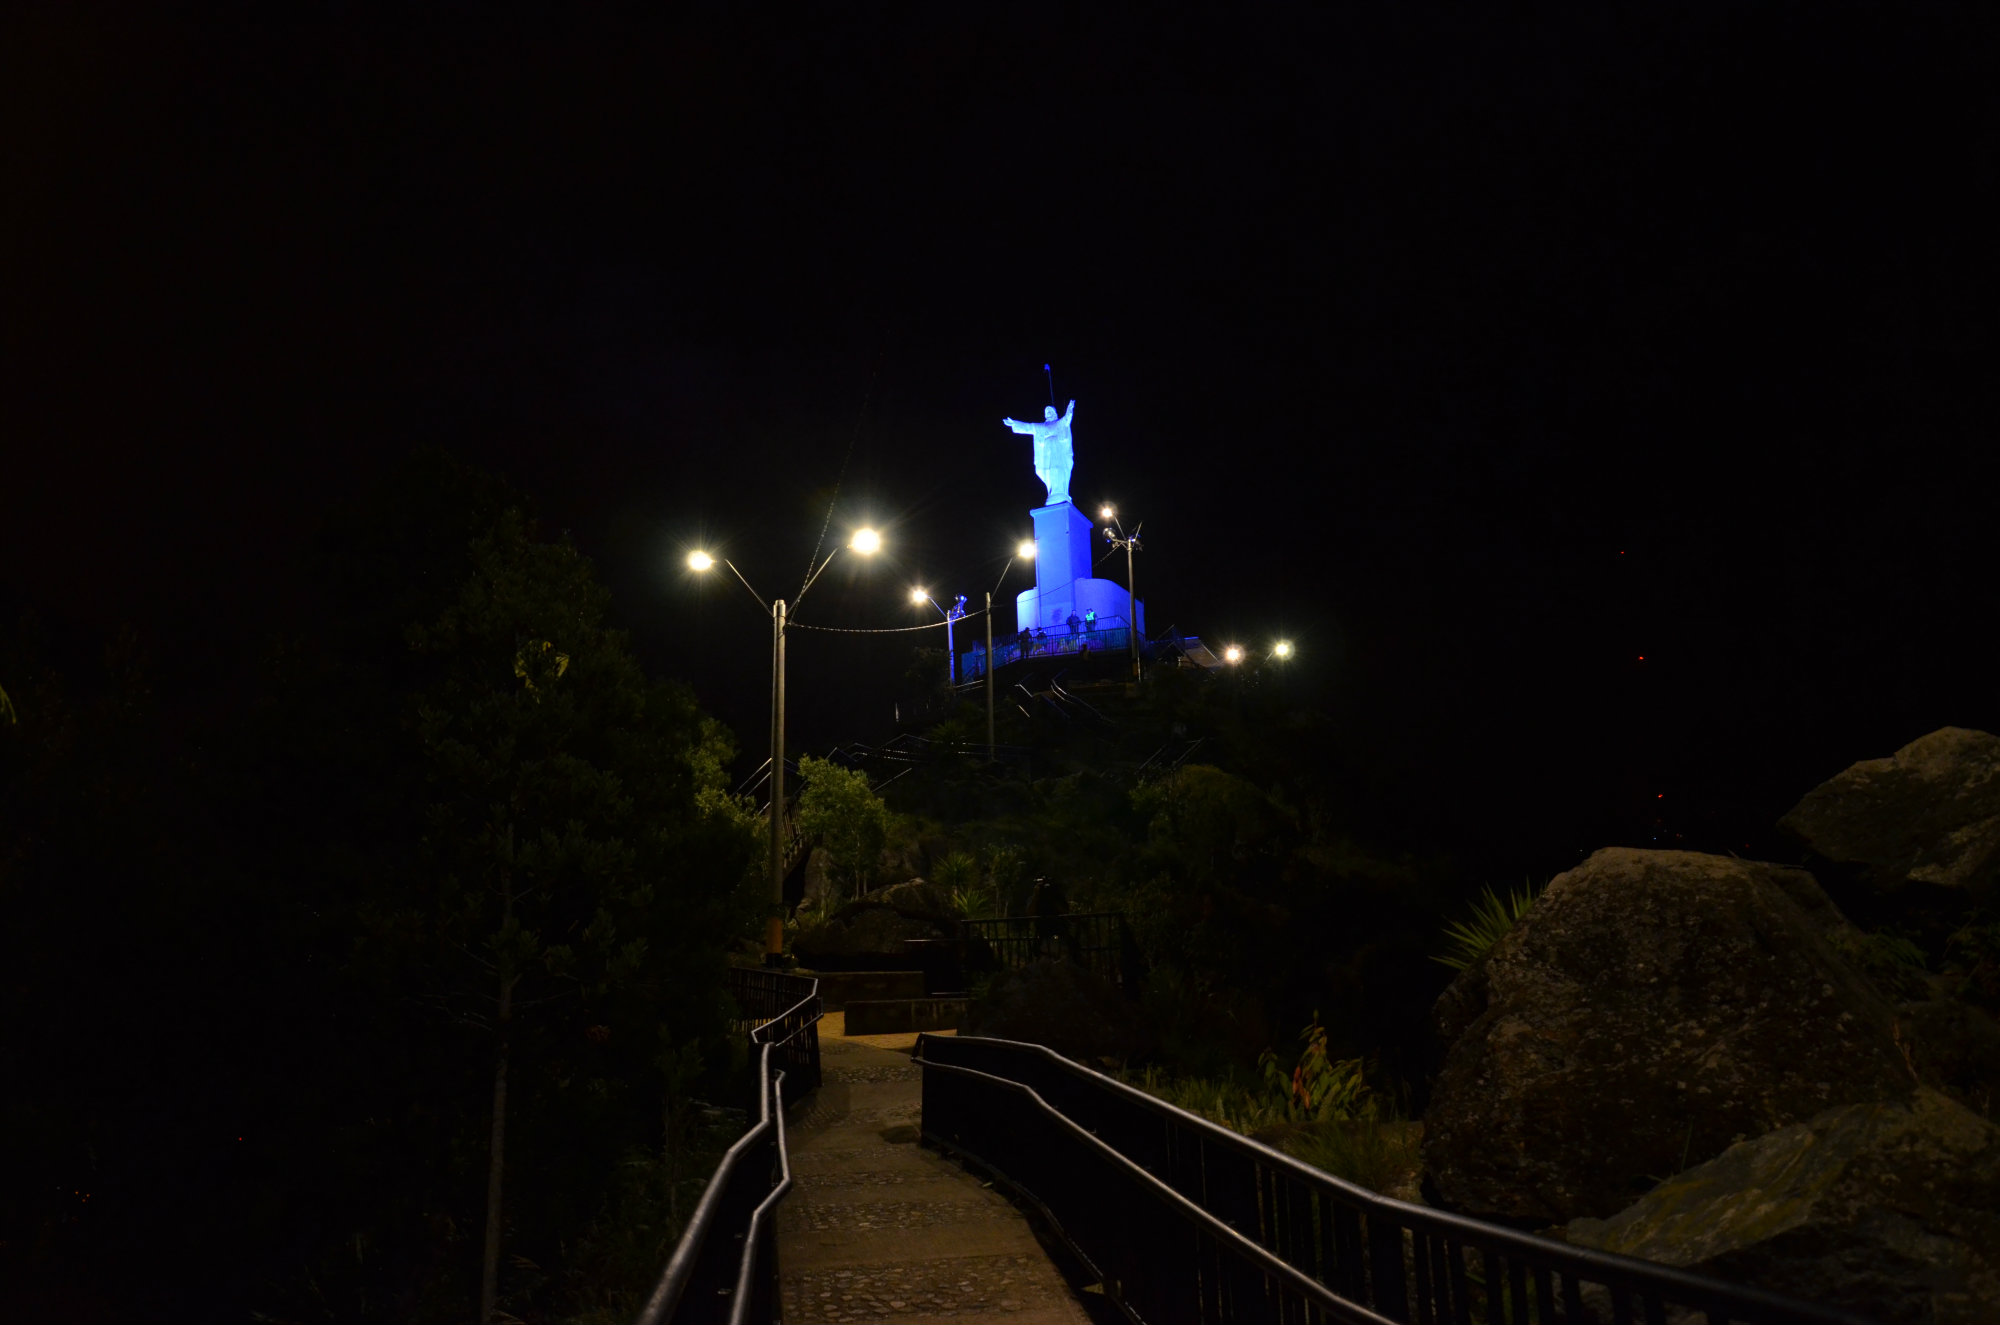 El Cristo Rey, ubicado en el Cerro el Picacho de Medellín. Hace parte de un Ecoparque desde donde hay una vista imponente de la ciudad. Su altura es de 10 metros.